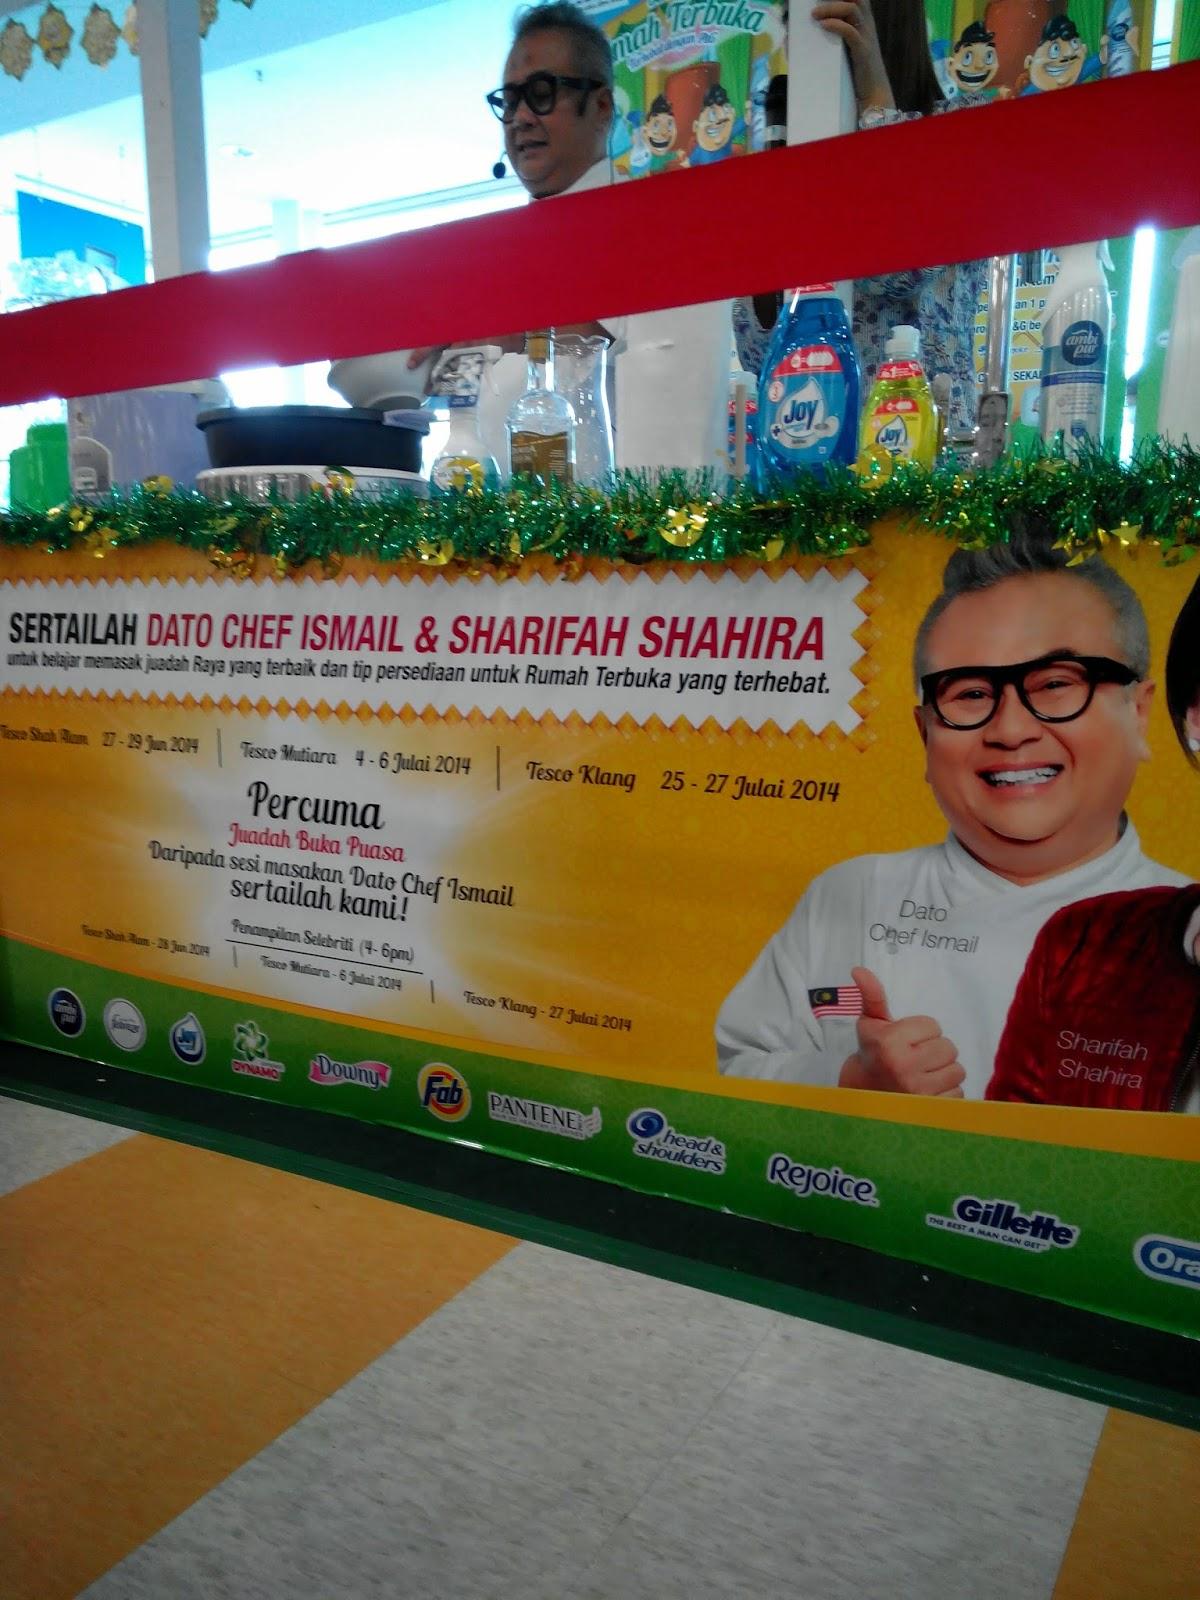 Berbuka Puasa Bersama Chef Ismail dan Sharifah Shahira